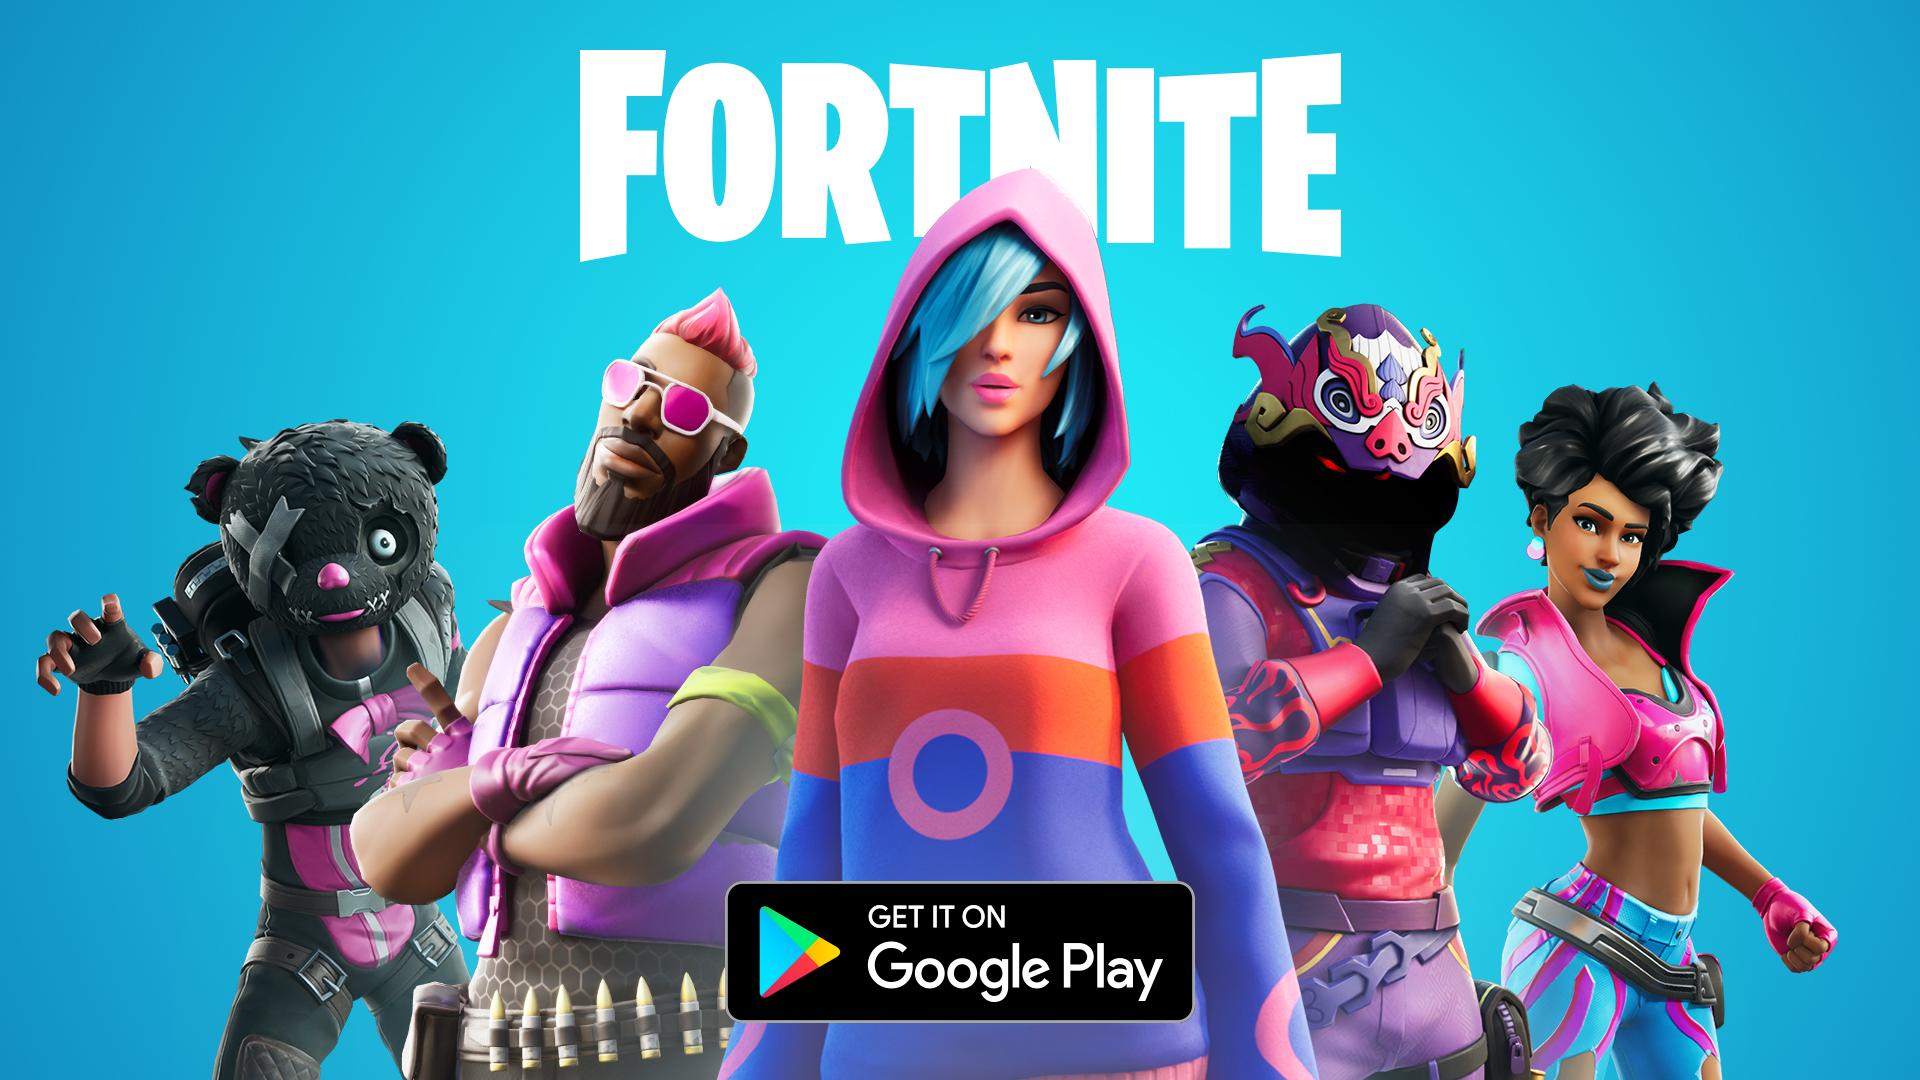 《堡垒之夜》现已登陆谷歌Play 此前因抽成问题不合